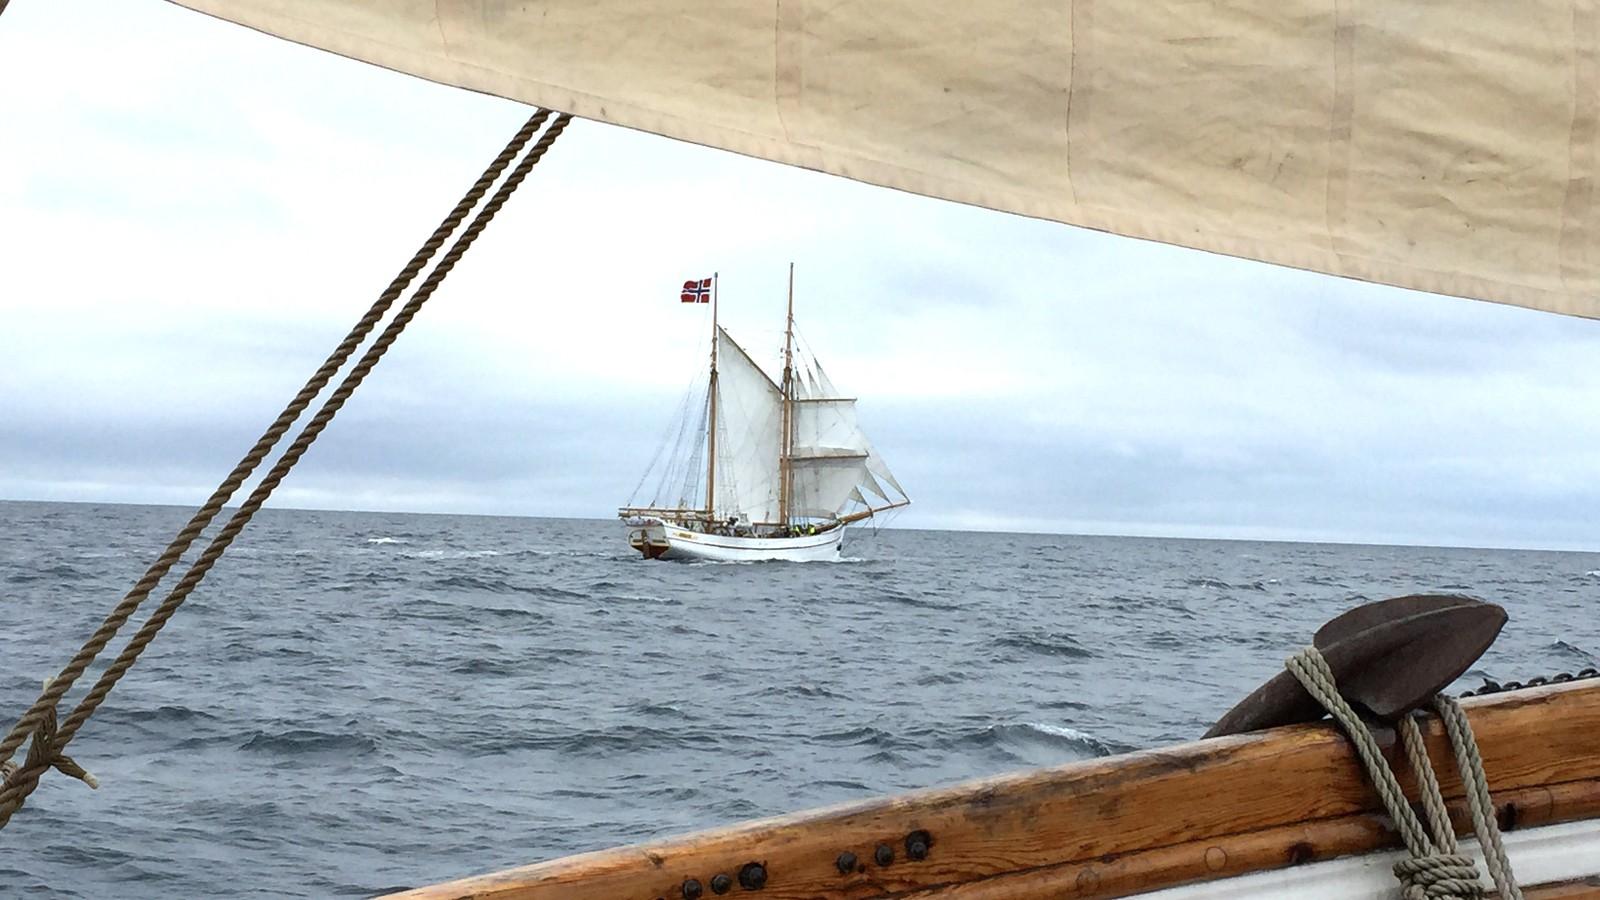 Svanhild møter Loyal i Nordsjøen, og seglar saman mot Shetland.